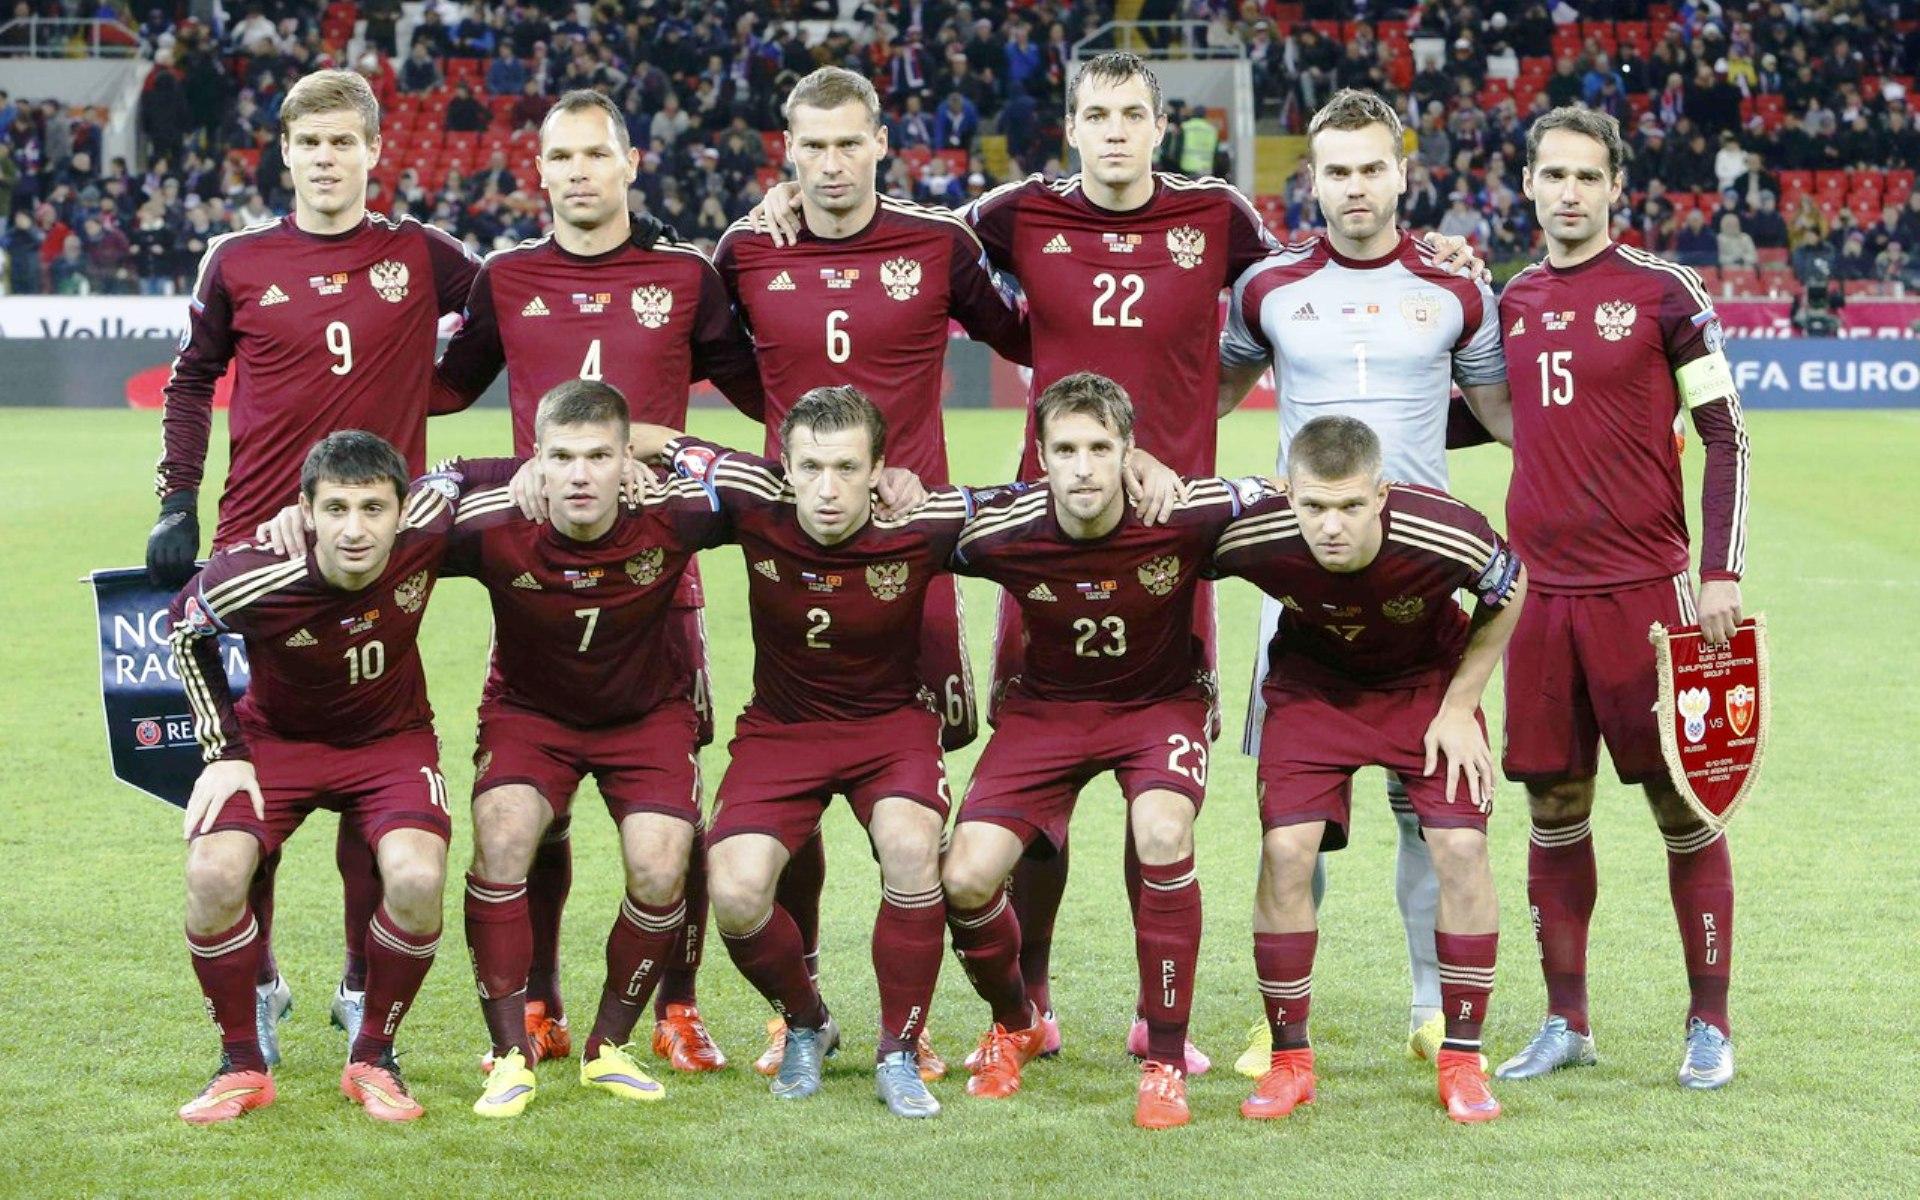 Стал известен стартовый состав сборной России на матч с Францией